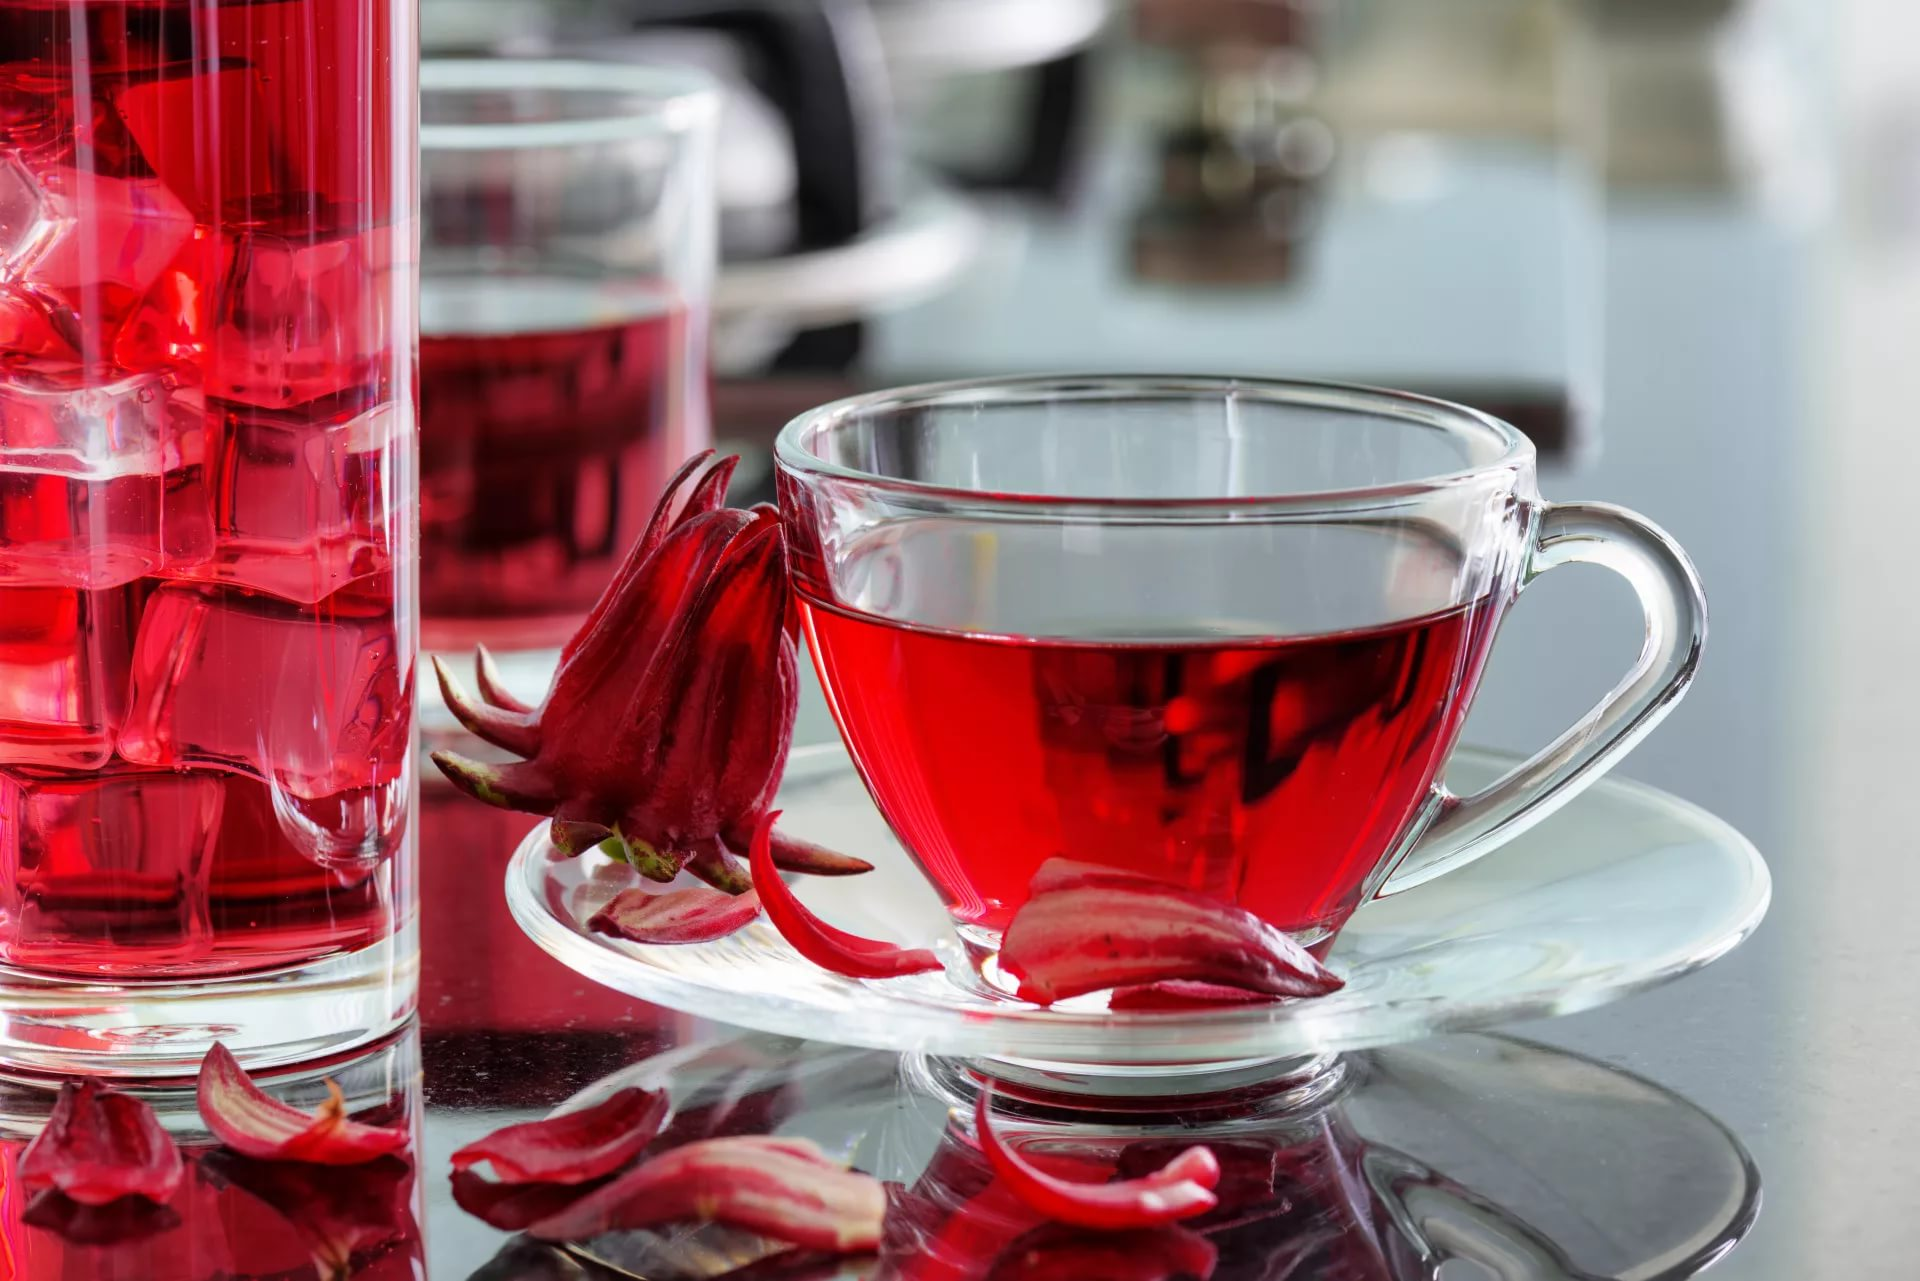 Турецкий растворимый чай: виды, из чего состоит, как заваривать порошковый напиток